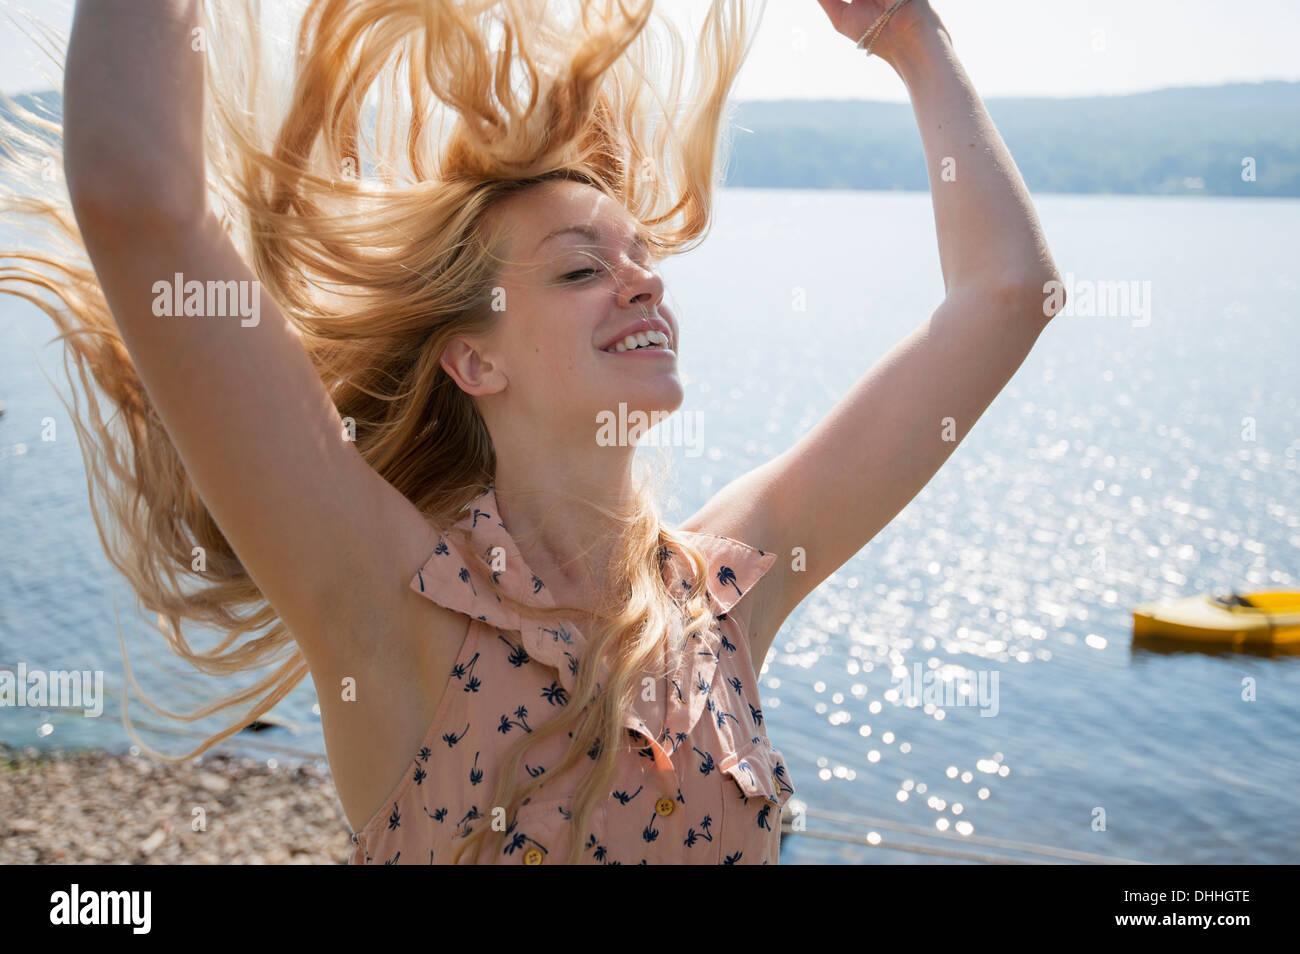 Retrato de mujer joven con largo pelo rubio y brazos levantados Imagen De Stock